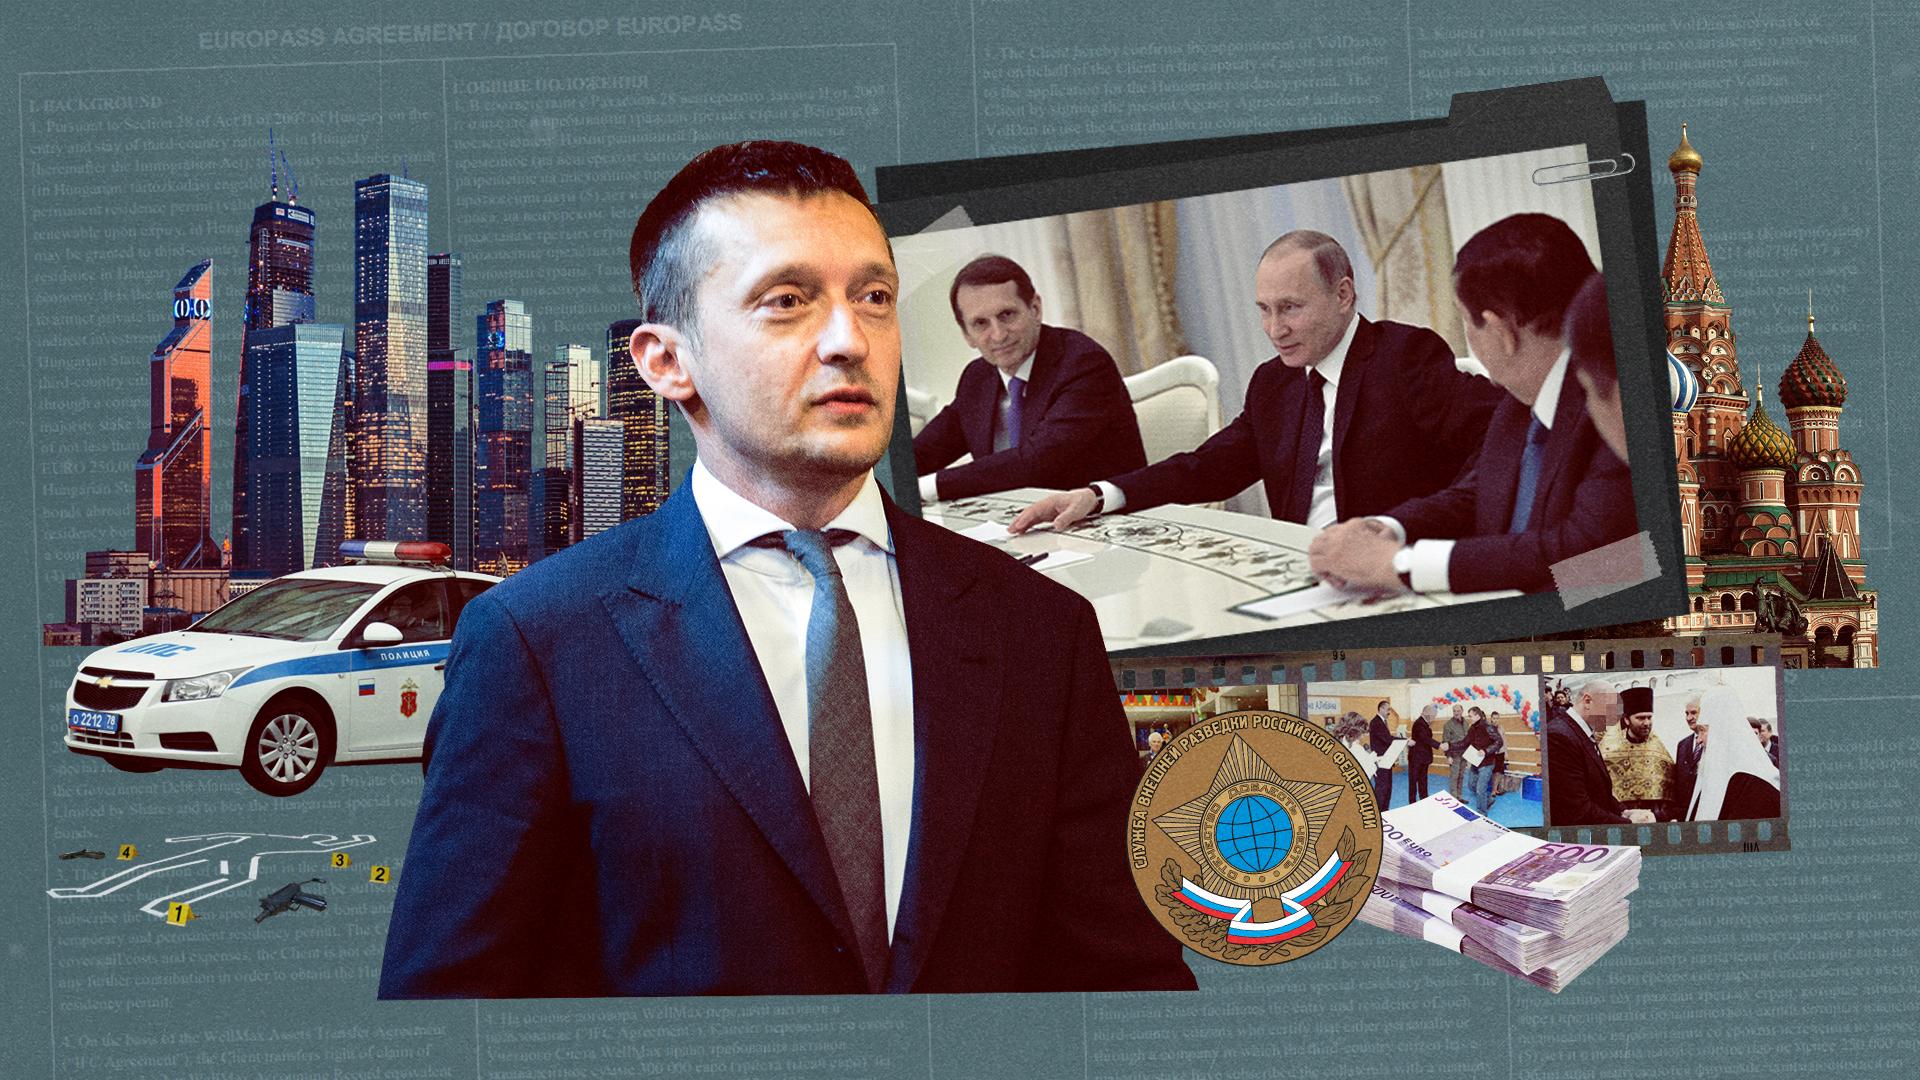 Putyin gépezetének tagjai kaptak magyar papírokat Orbánék kötvényprogramjában